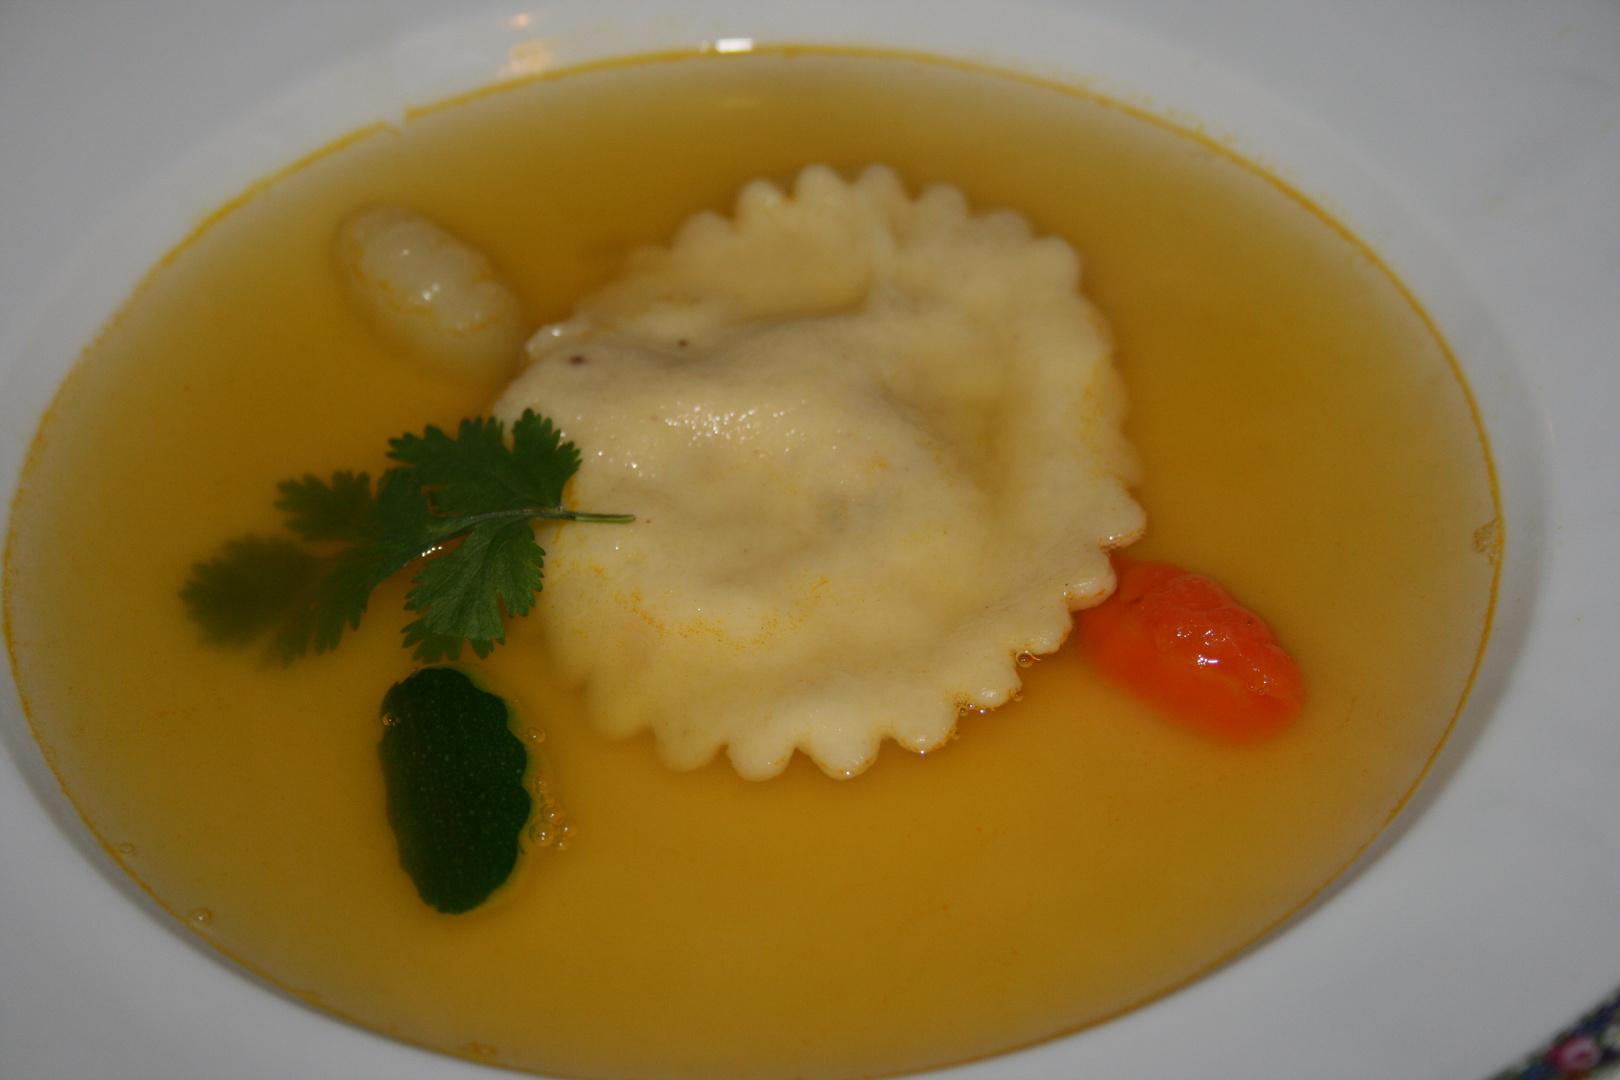 Kürbis Essenz mit Ravioli von der Riesengarnele und Gemüse Gnocchi